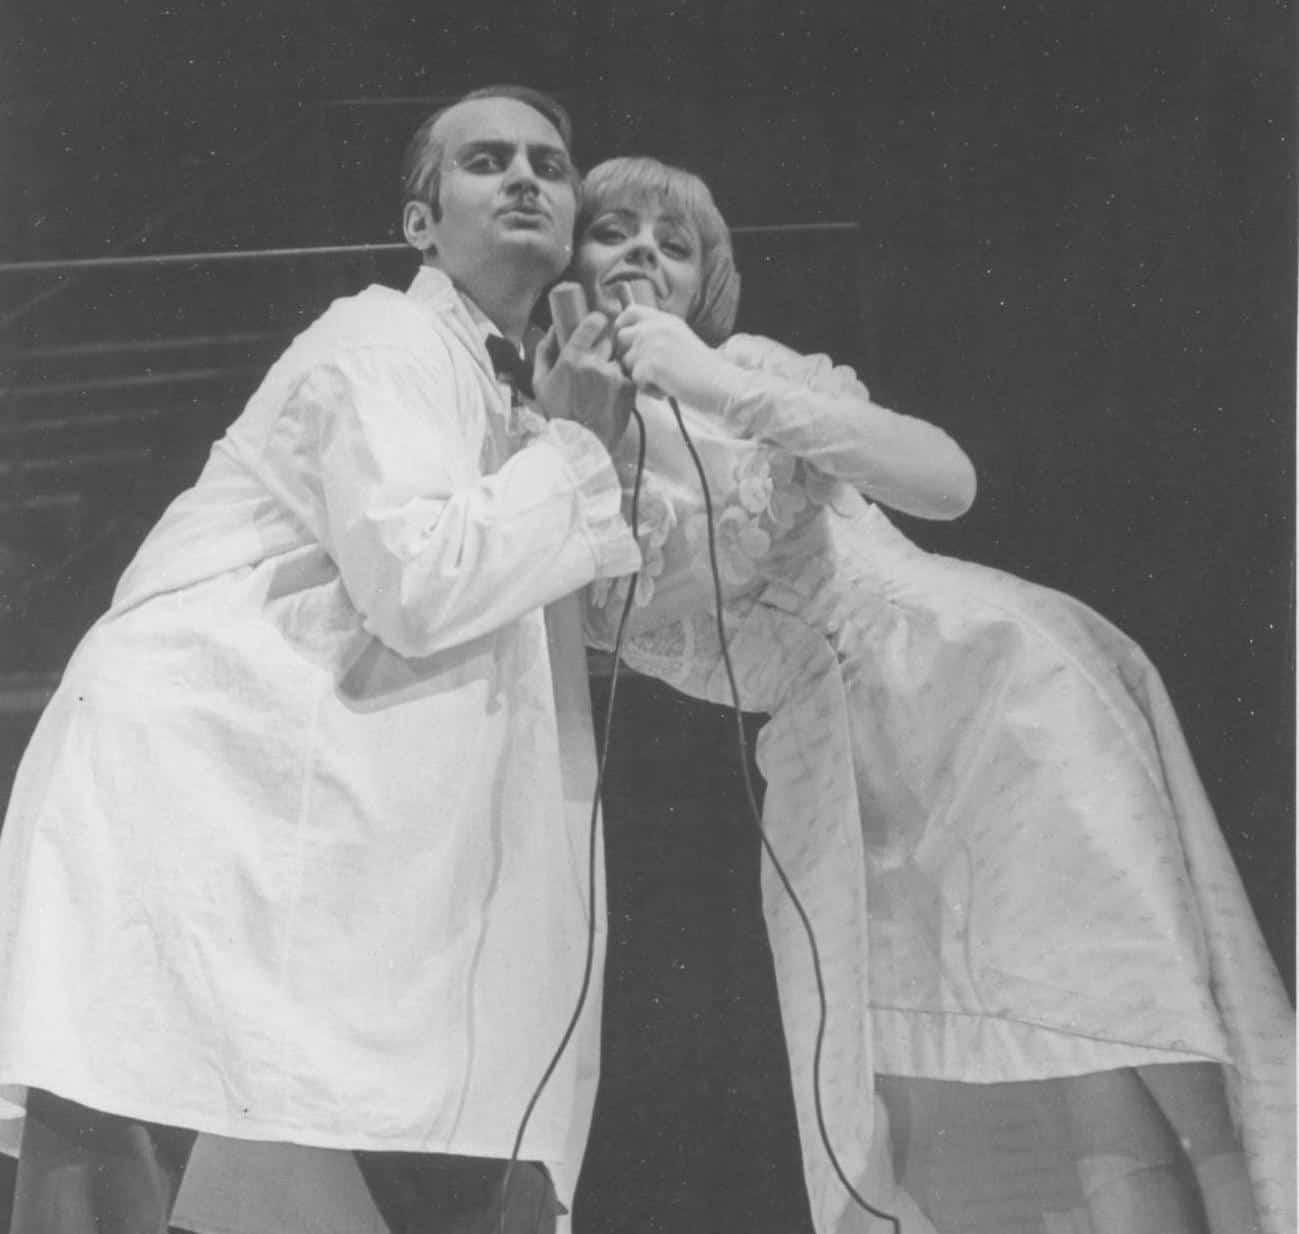 белонучкин в Тр. опере, 1967